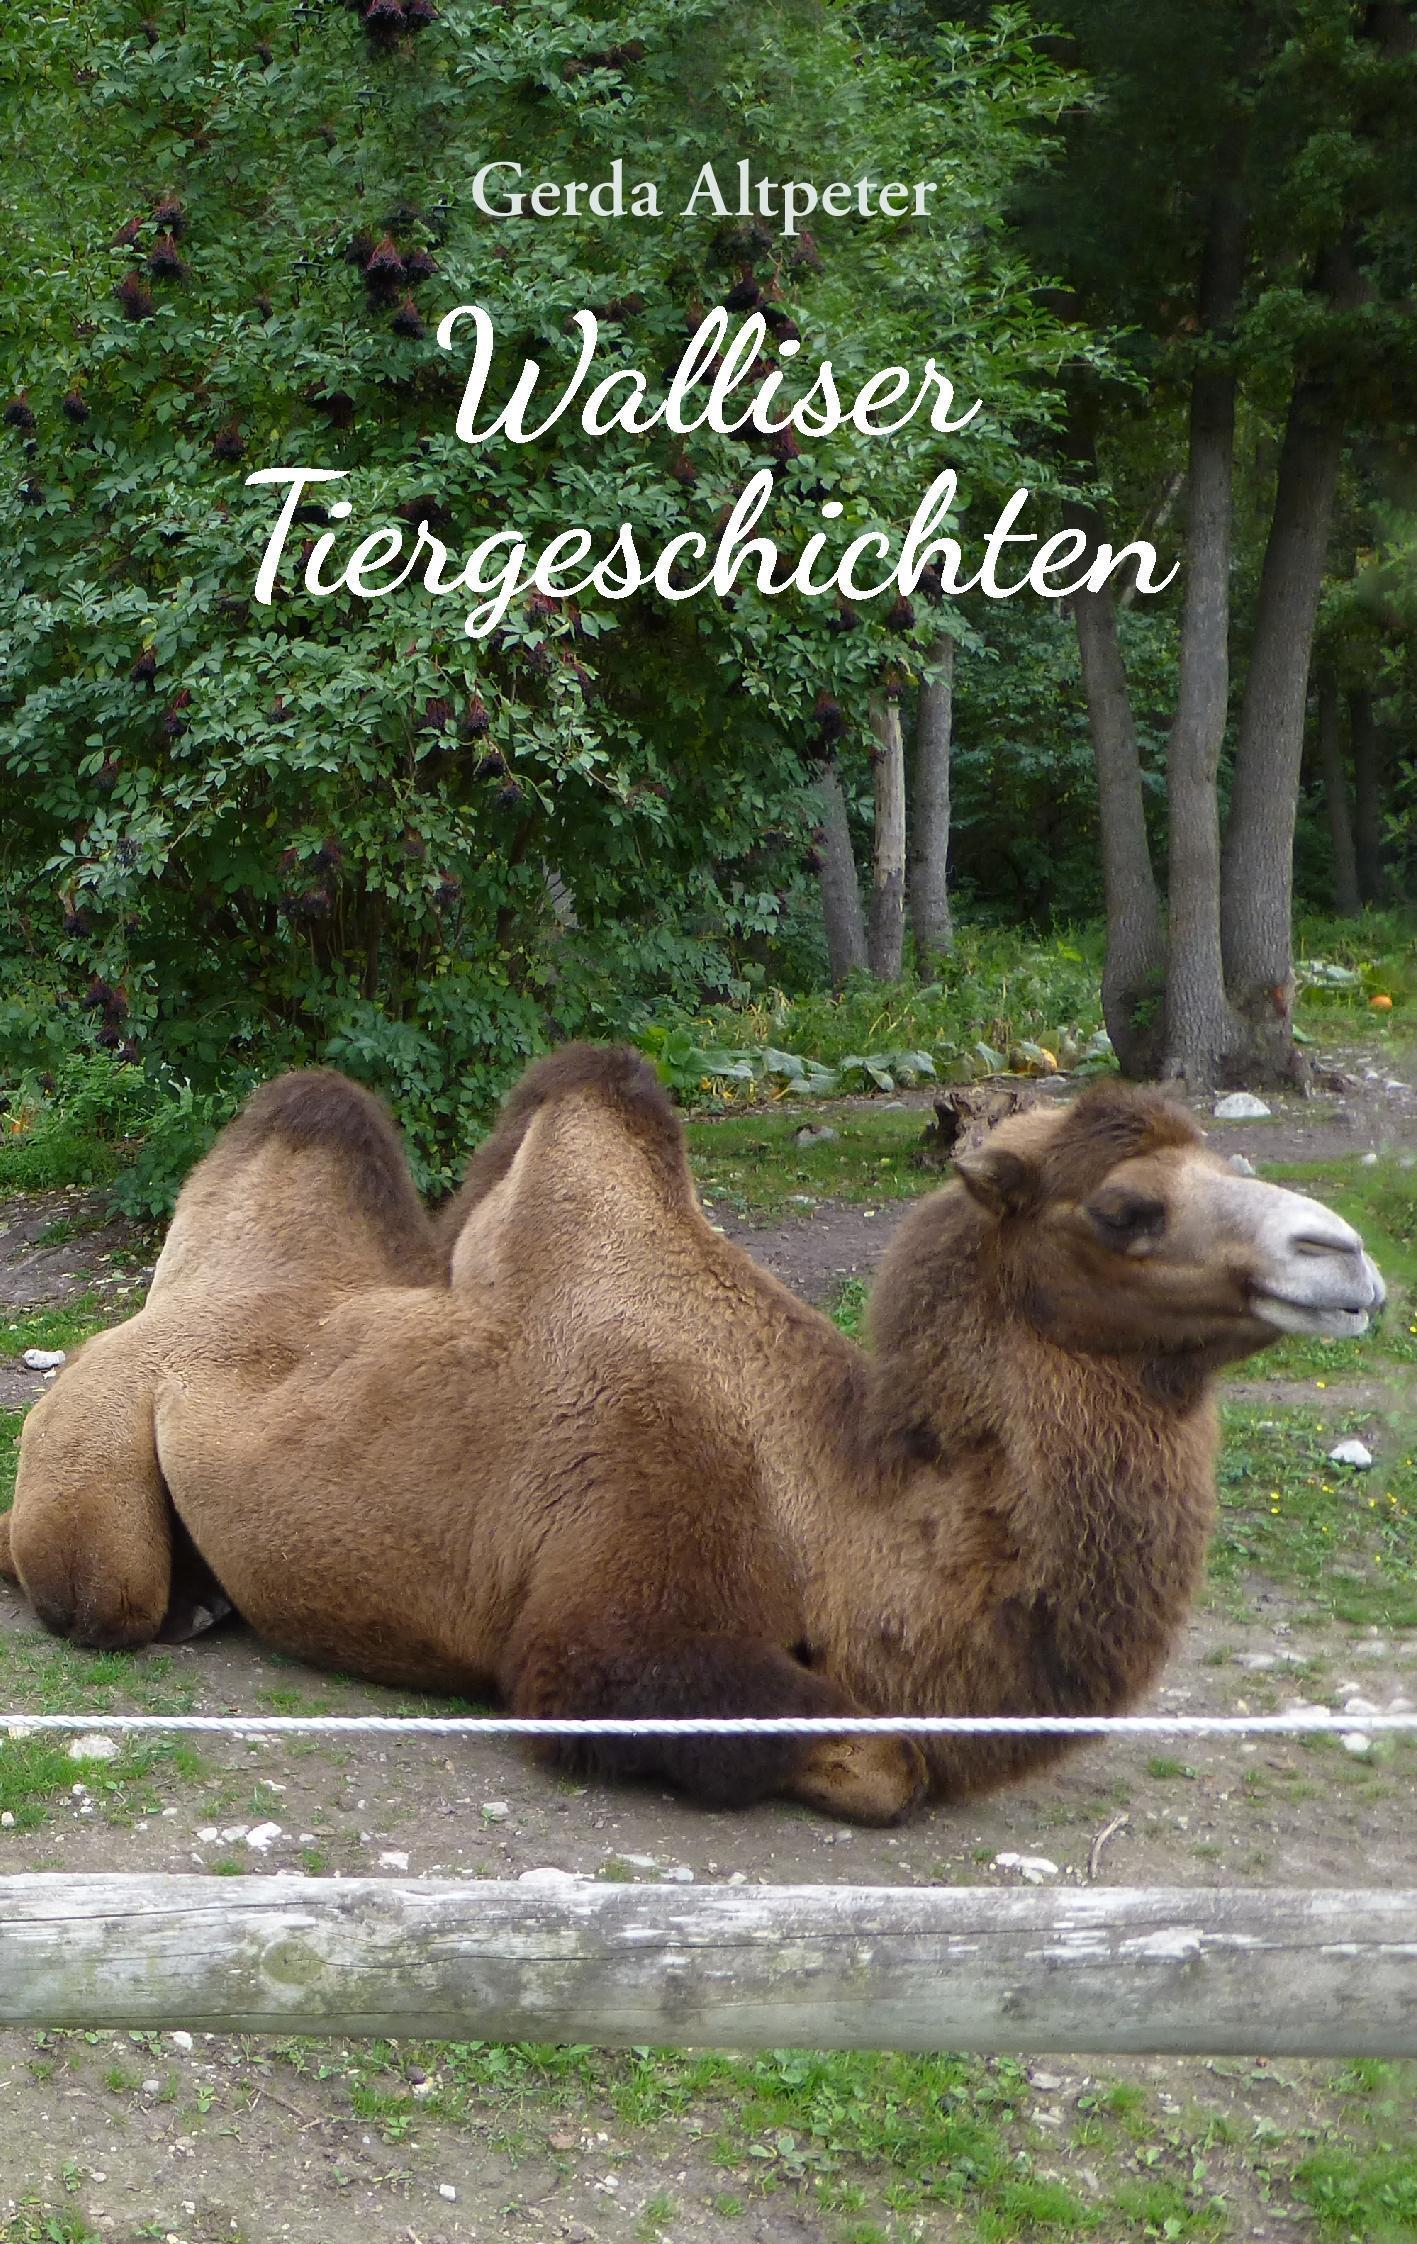 Walliser Tiergeschichten Gerda Altpeter